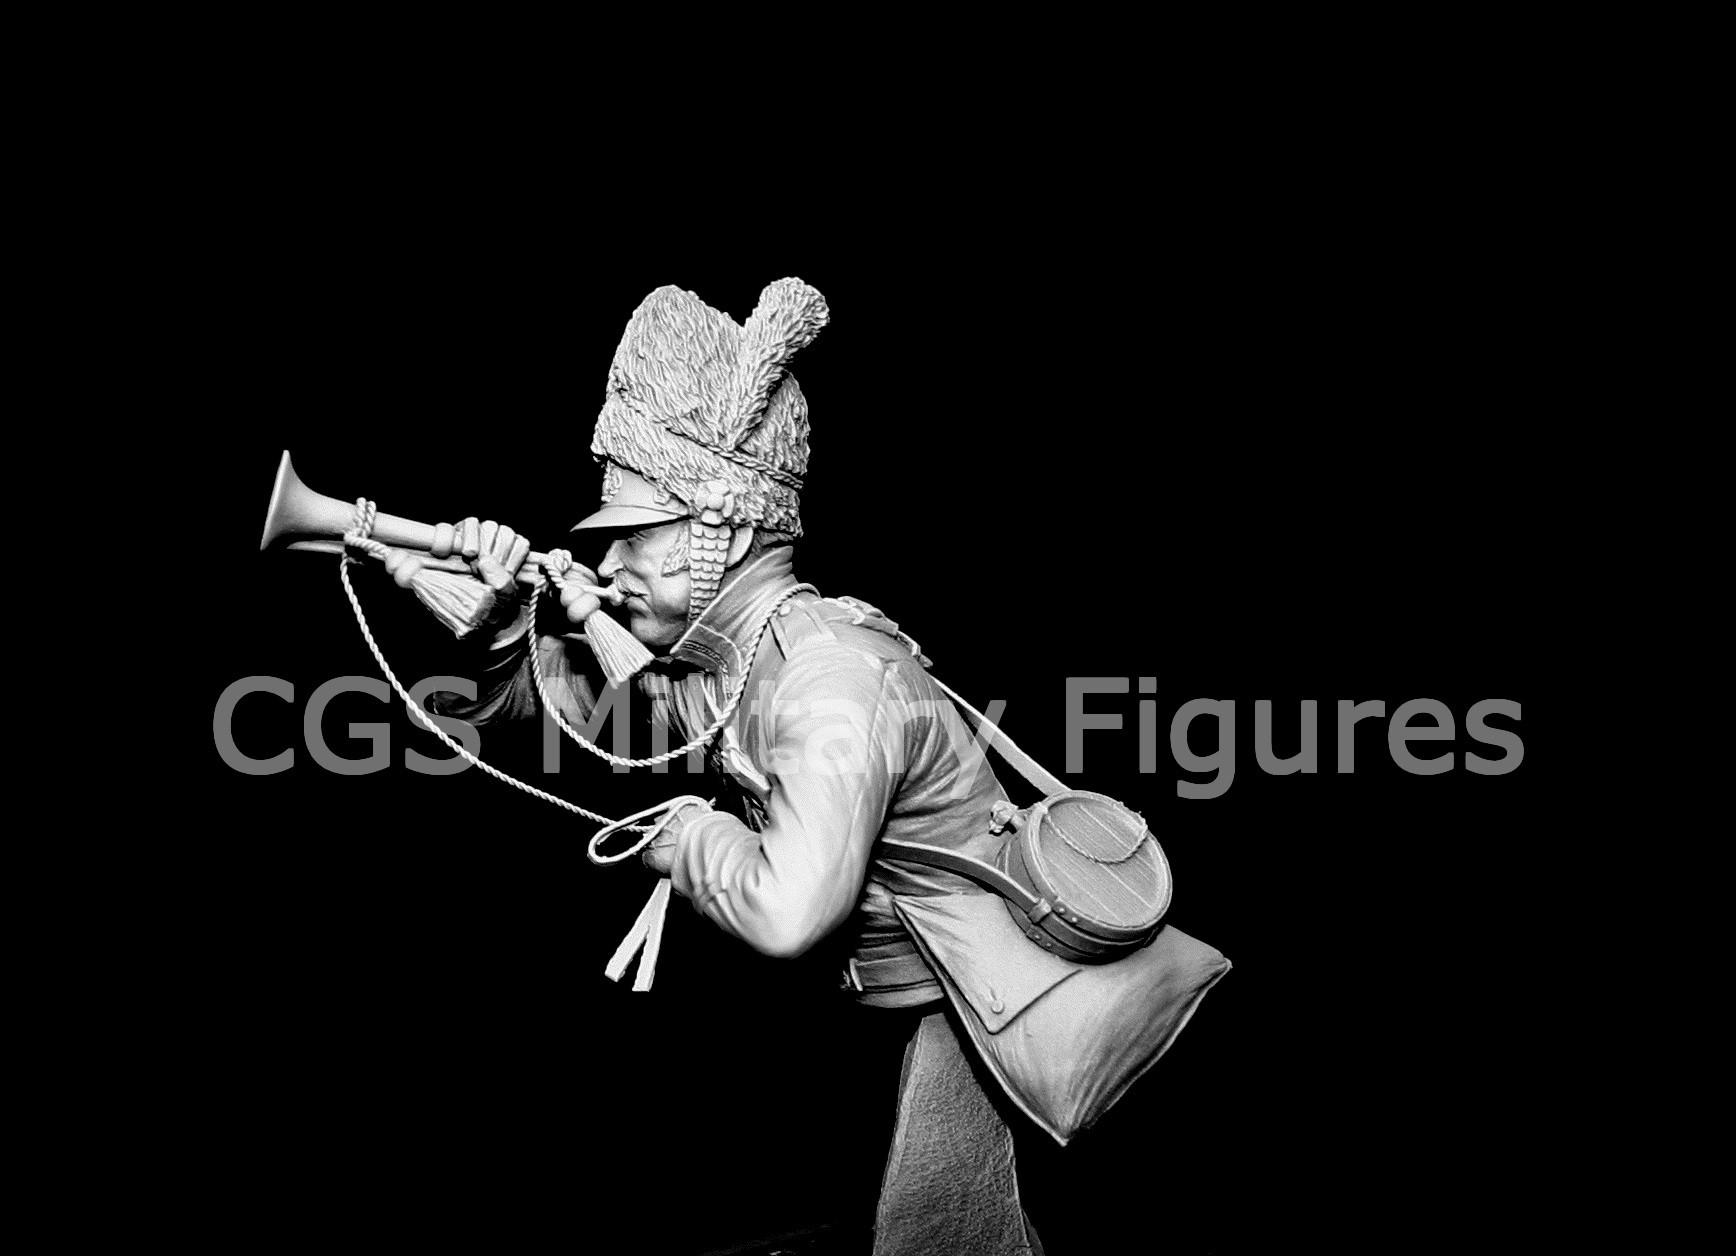 5ème cuirassier - Waterloo 1815 - CGS military figures - mise à jour du 22 Mars 15022505314812278513008352